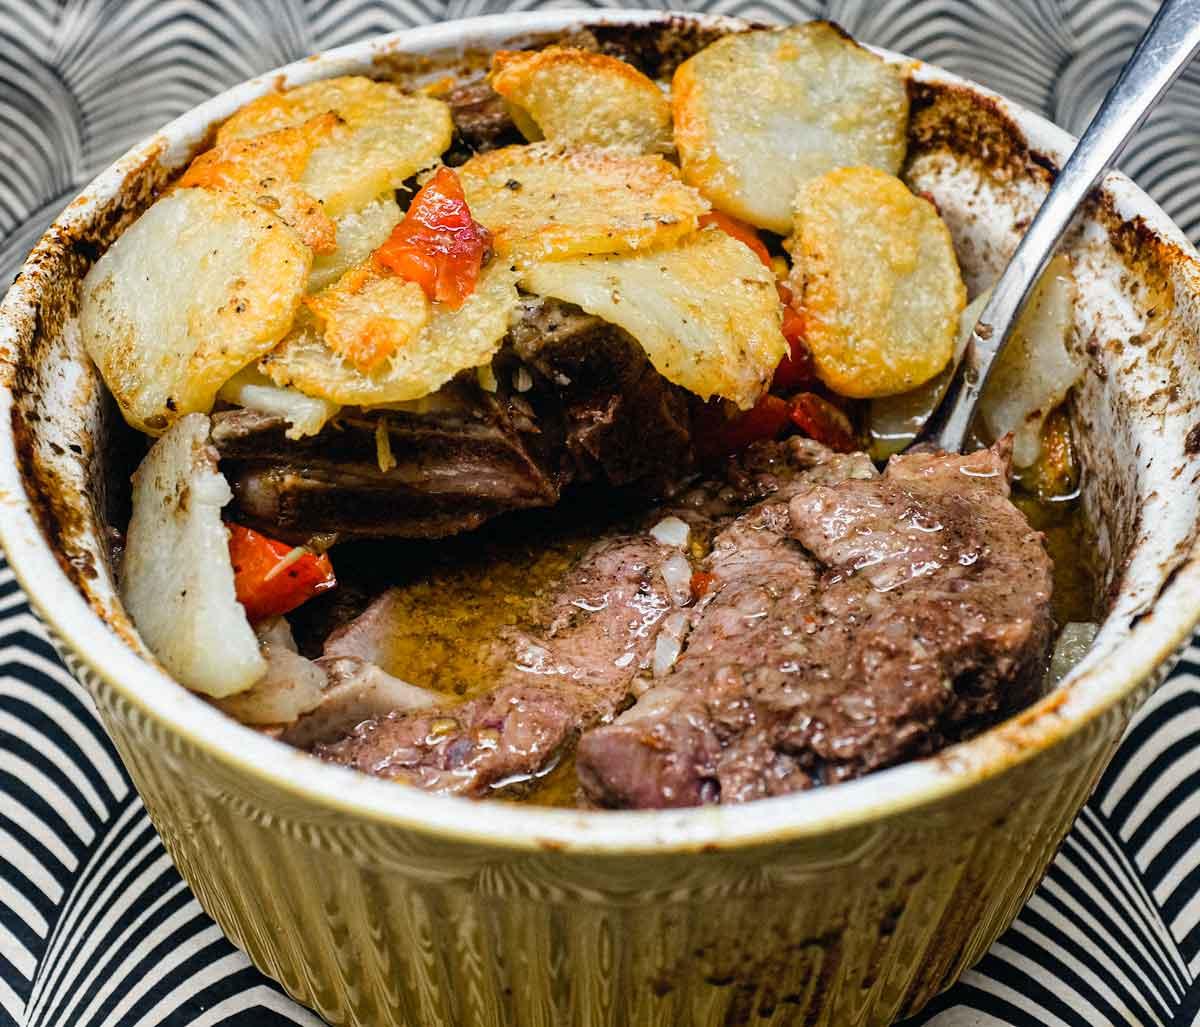 Italian Baked Lamb & Potatoes